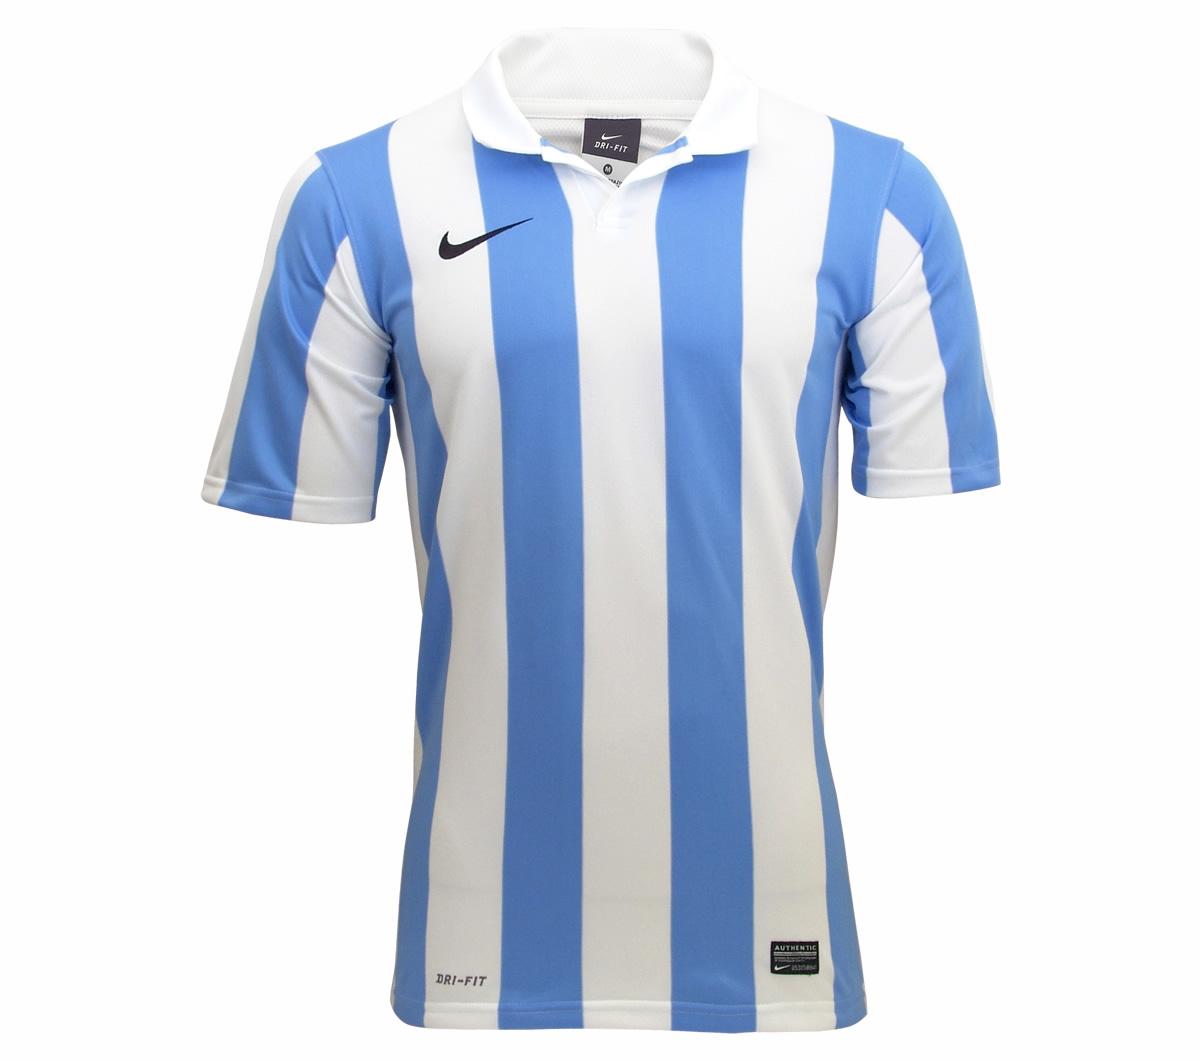 06e3b8bc8e504 Camisa Nike Inter III Stripe Branca e Celeste - Mundo do Futebol